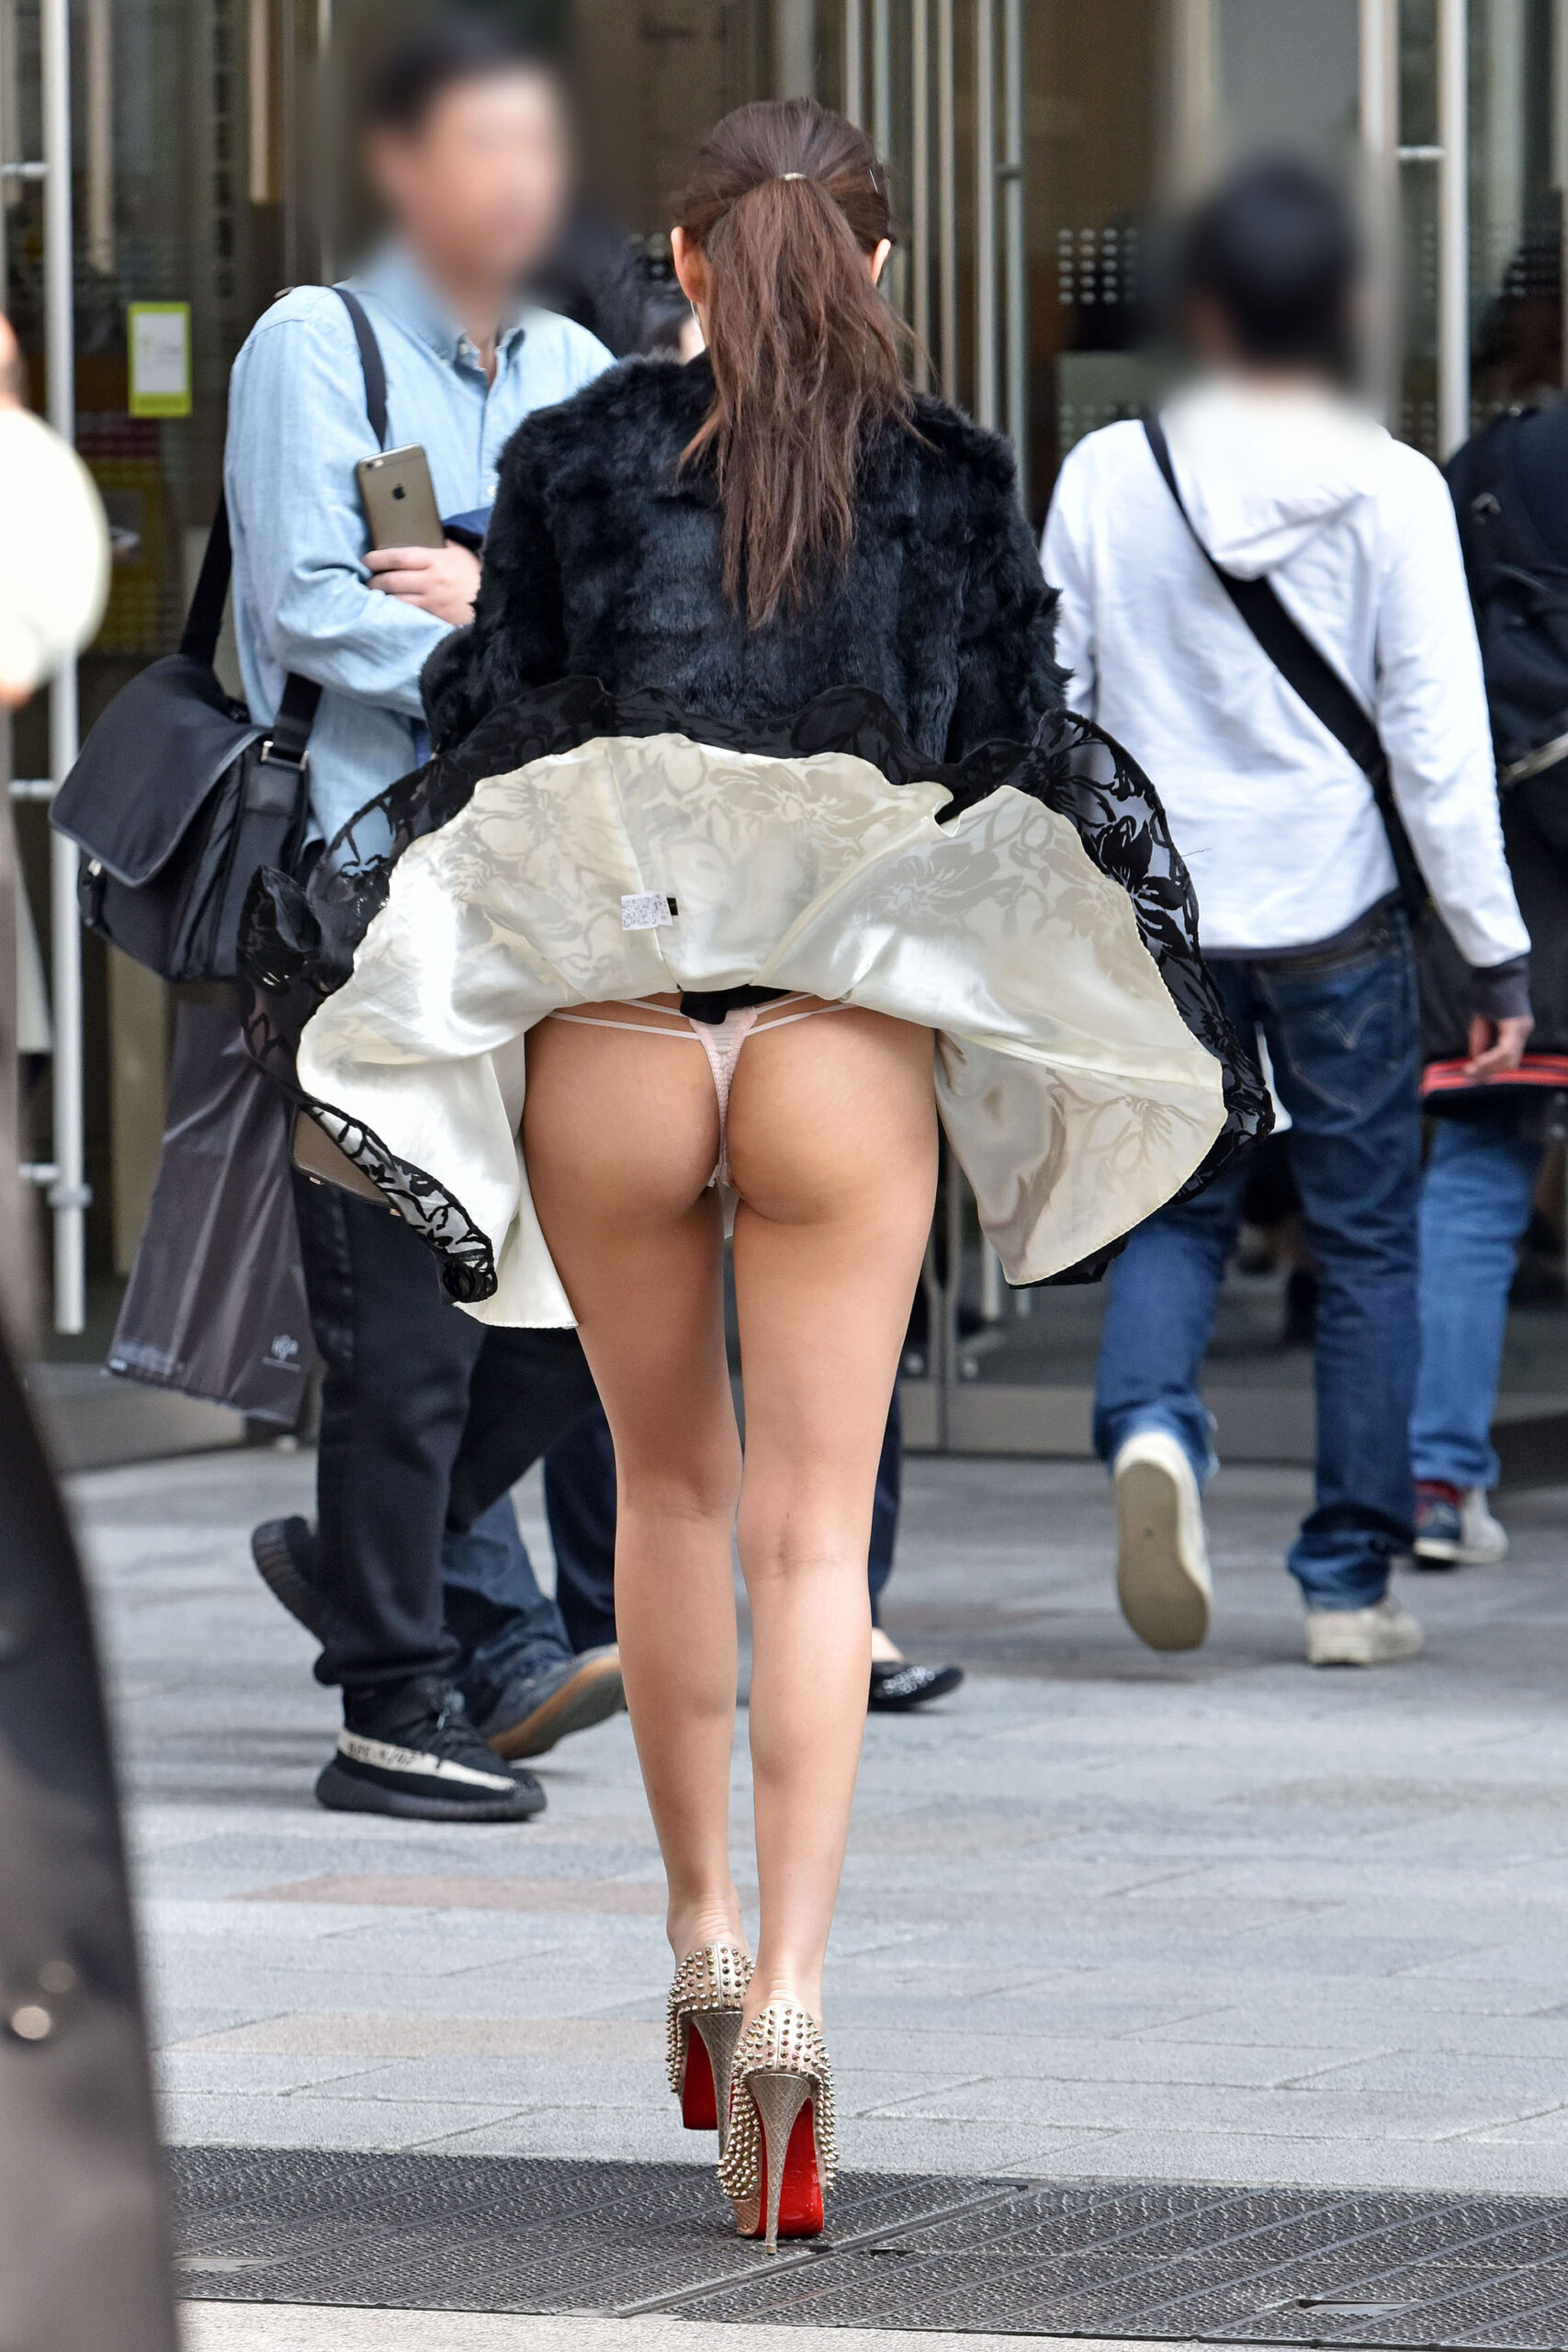 エチエチまんさん街撮りしたら、スカートがめくれてTバックが現れるwwwwwwwwwww oDEwFfK scaled